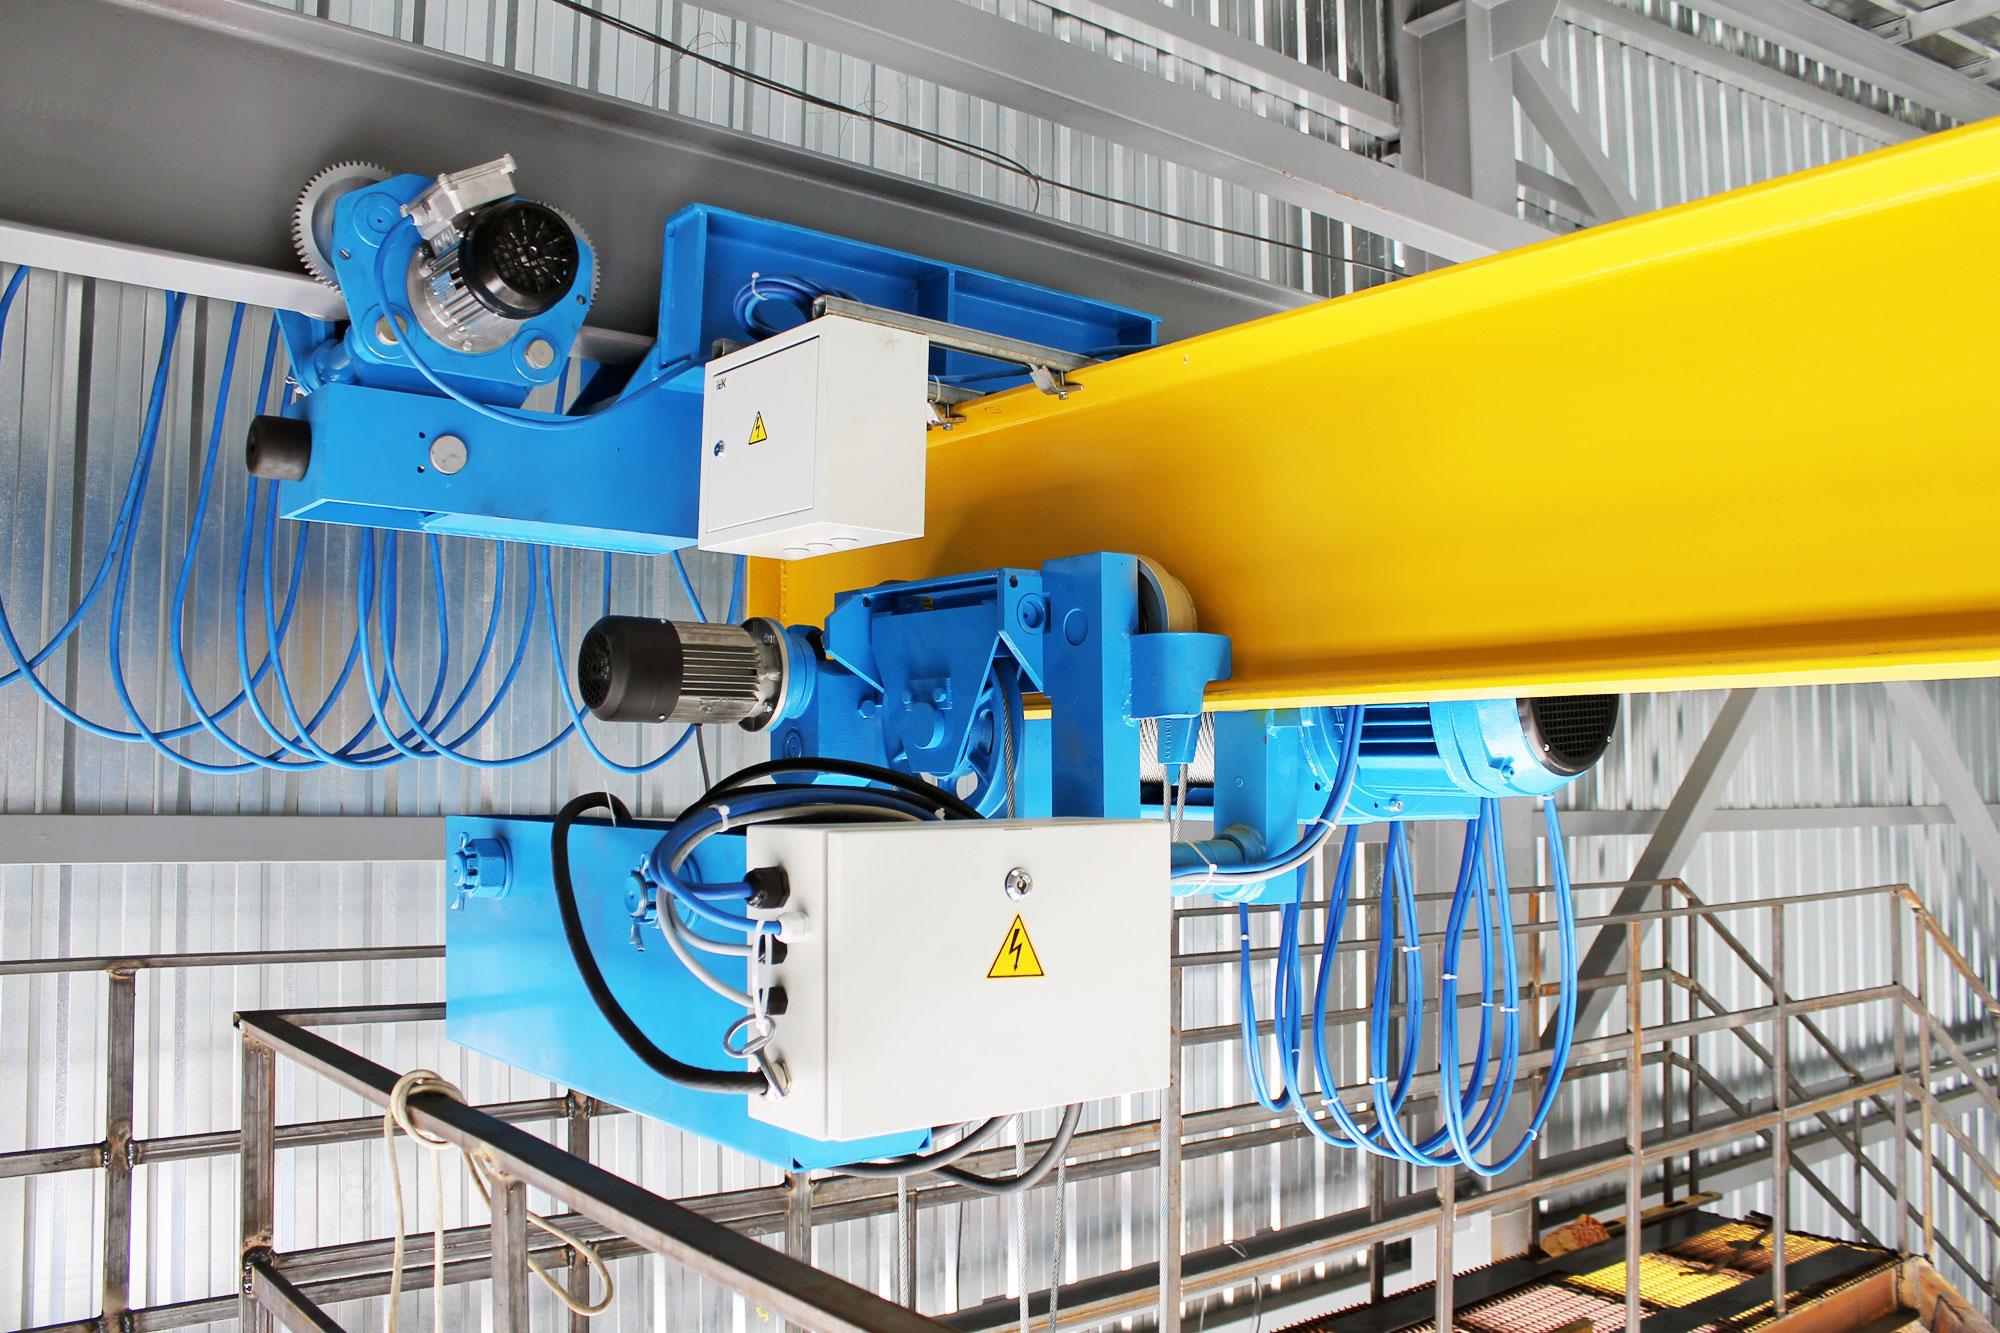 1-Кран подвесной однобалочный г-п 5,0 уменьшенной строительной высоты